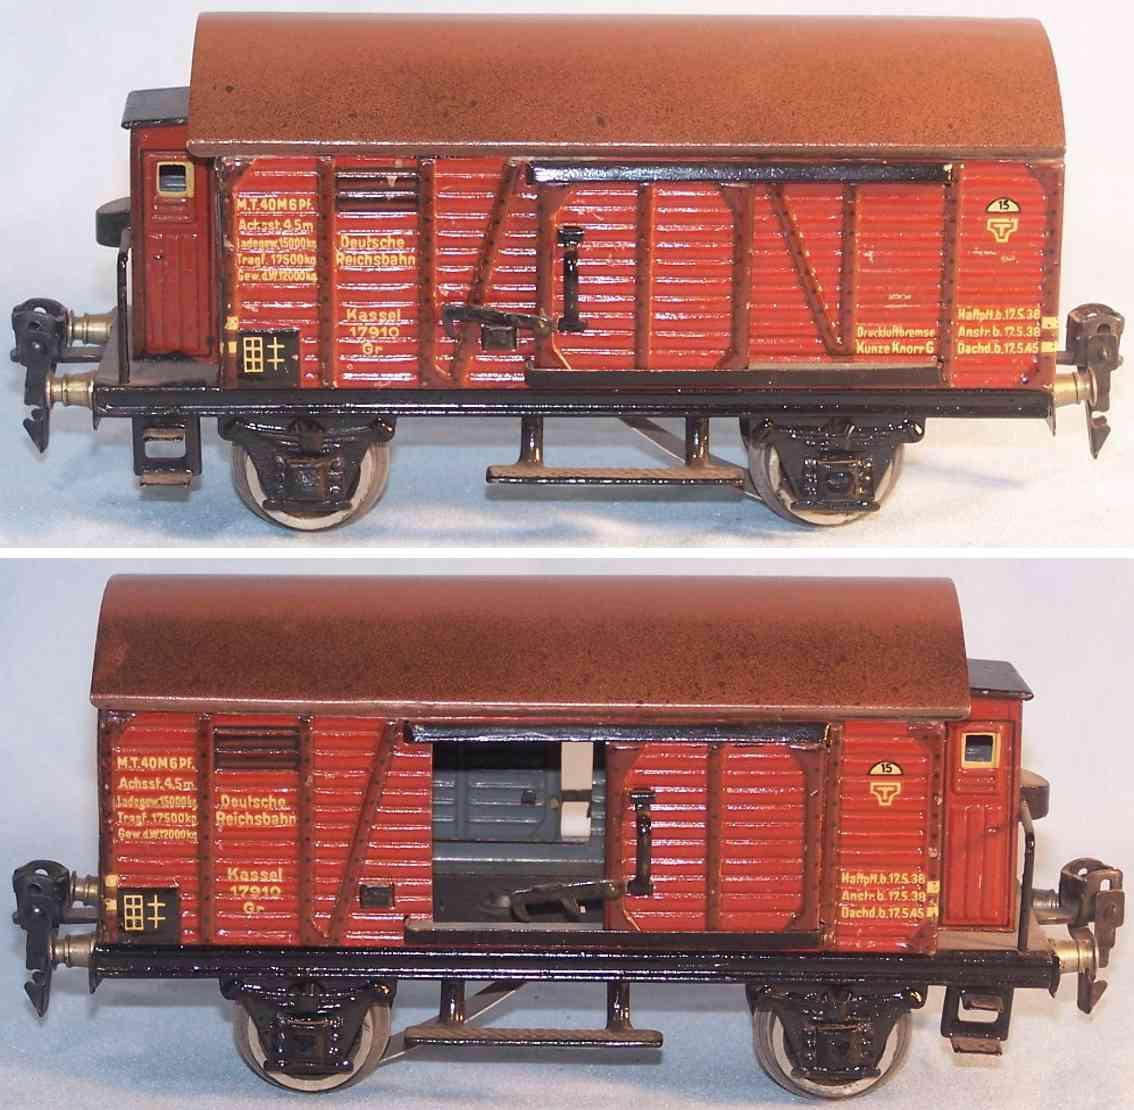 maerklin 1791/0 B (1936) spielzeug eisenbahn gedeckter gueterwagen rotbraun spur 0